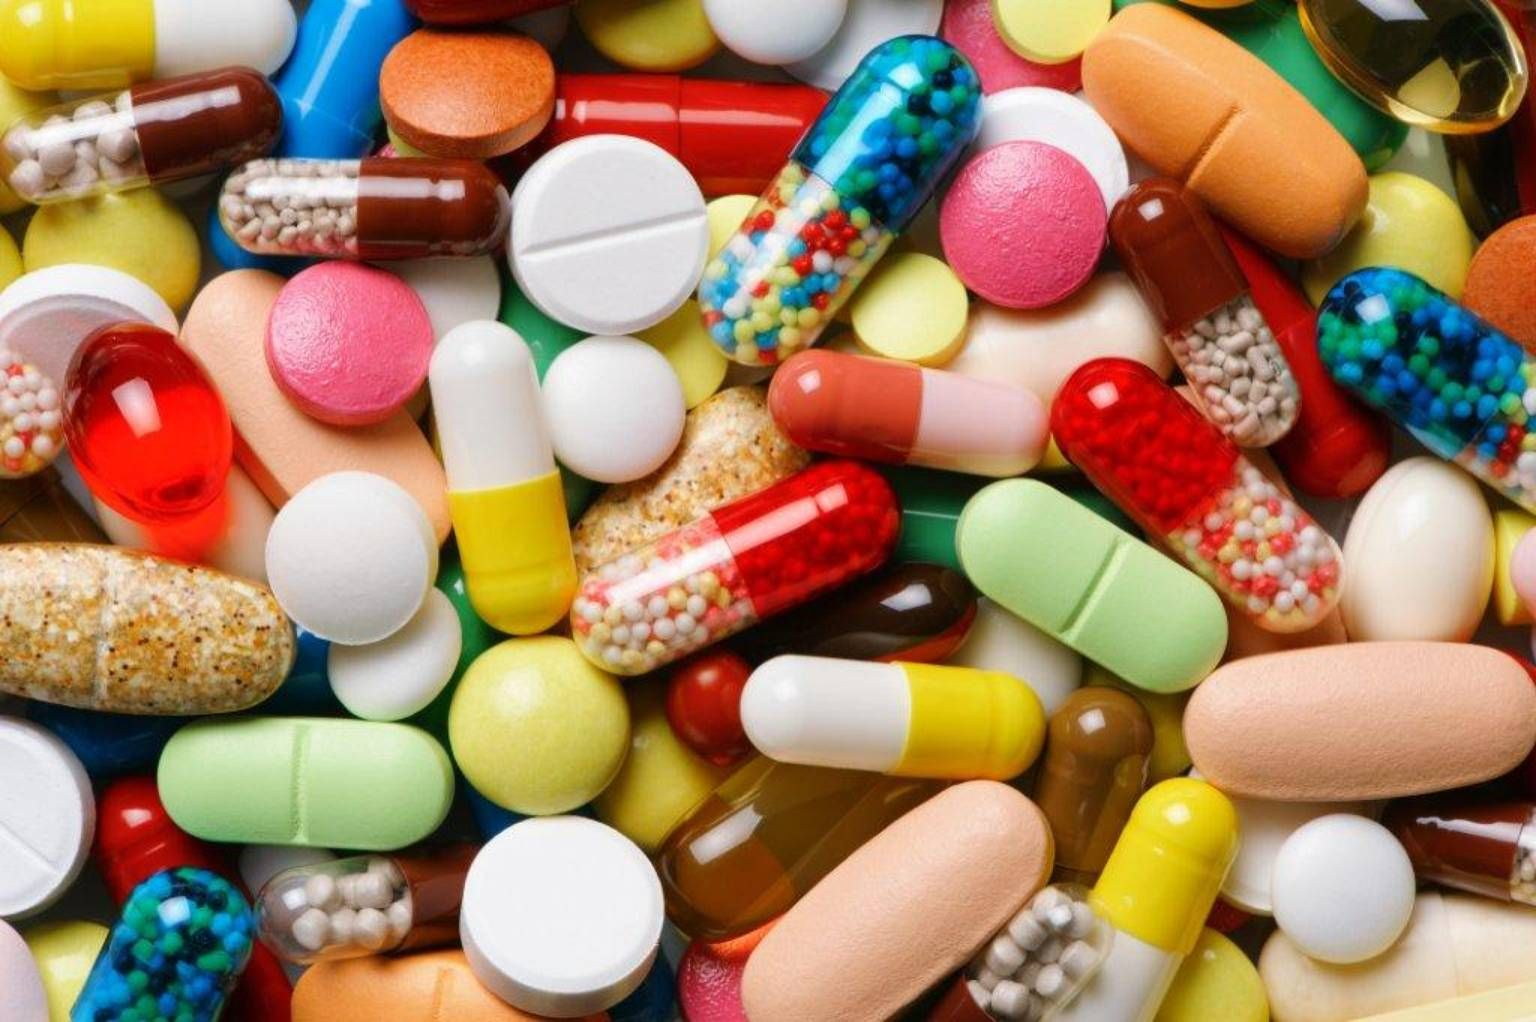 Через 10 дней аптеки Казахстана не смогут «играть» с ценами